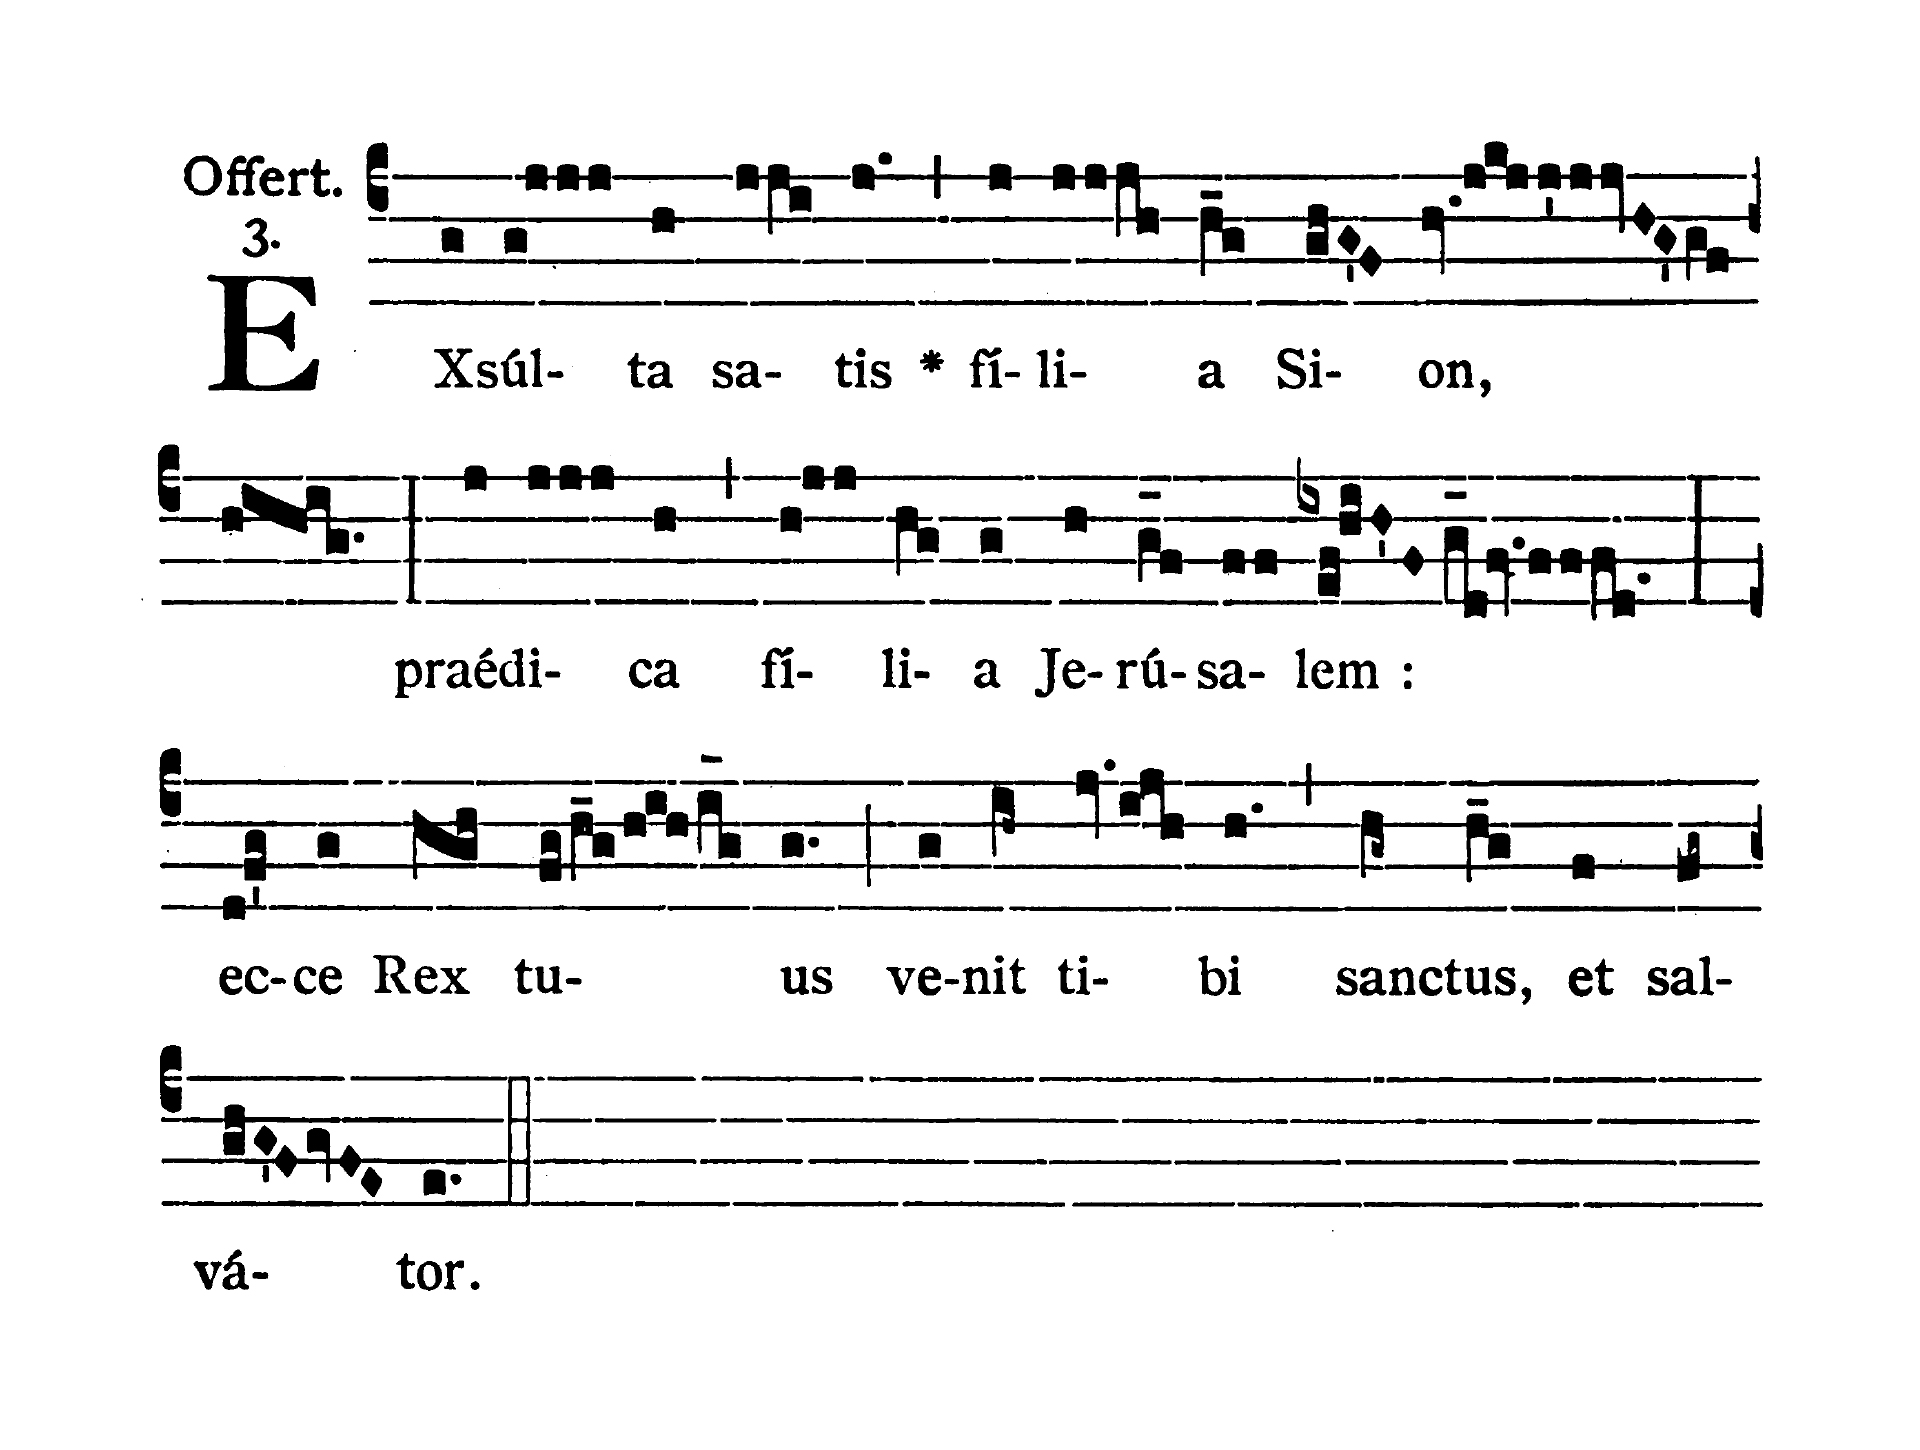 Sabbato Quatuor Temporum Adventus (sobota suchych dni Adwentu) - Offertorium (Exsulta satis)